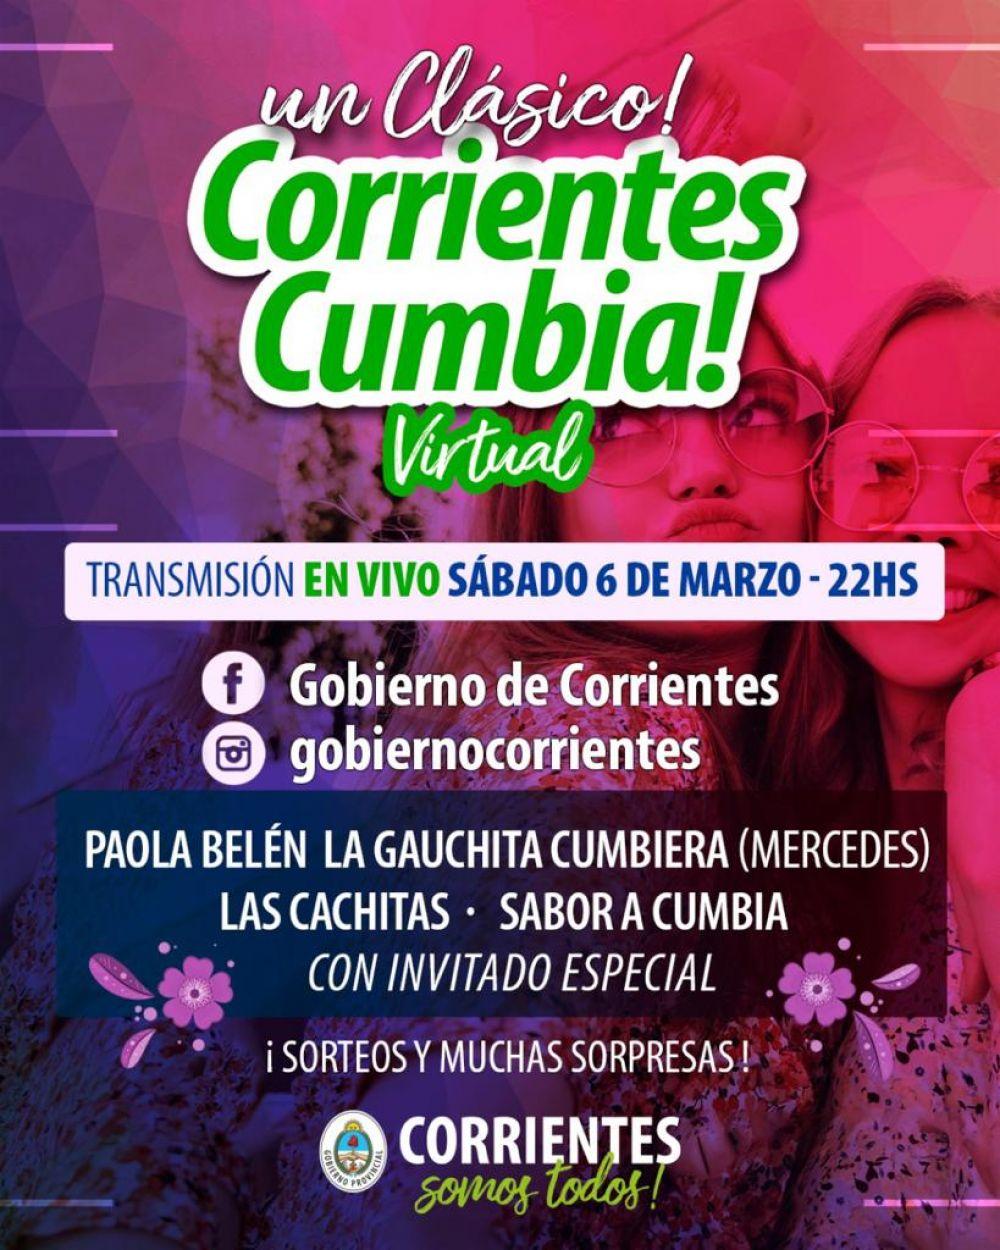 Corrientes Cumbia Virtual y el Teko Chamamé con interesantes propuestas